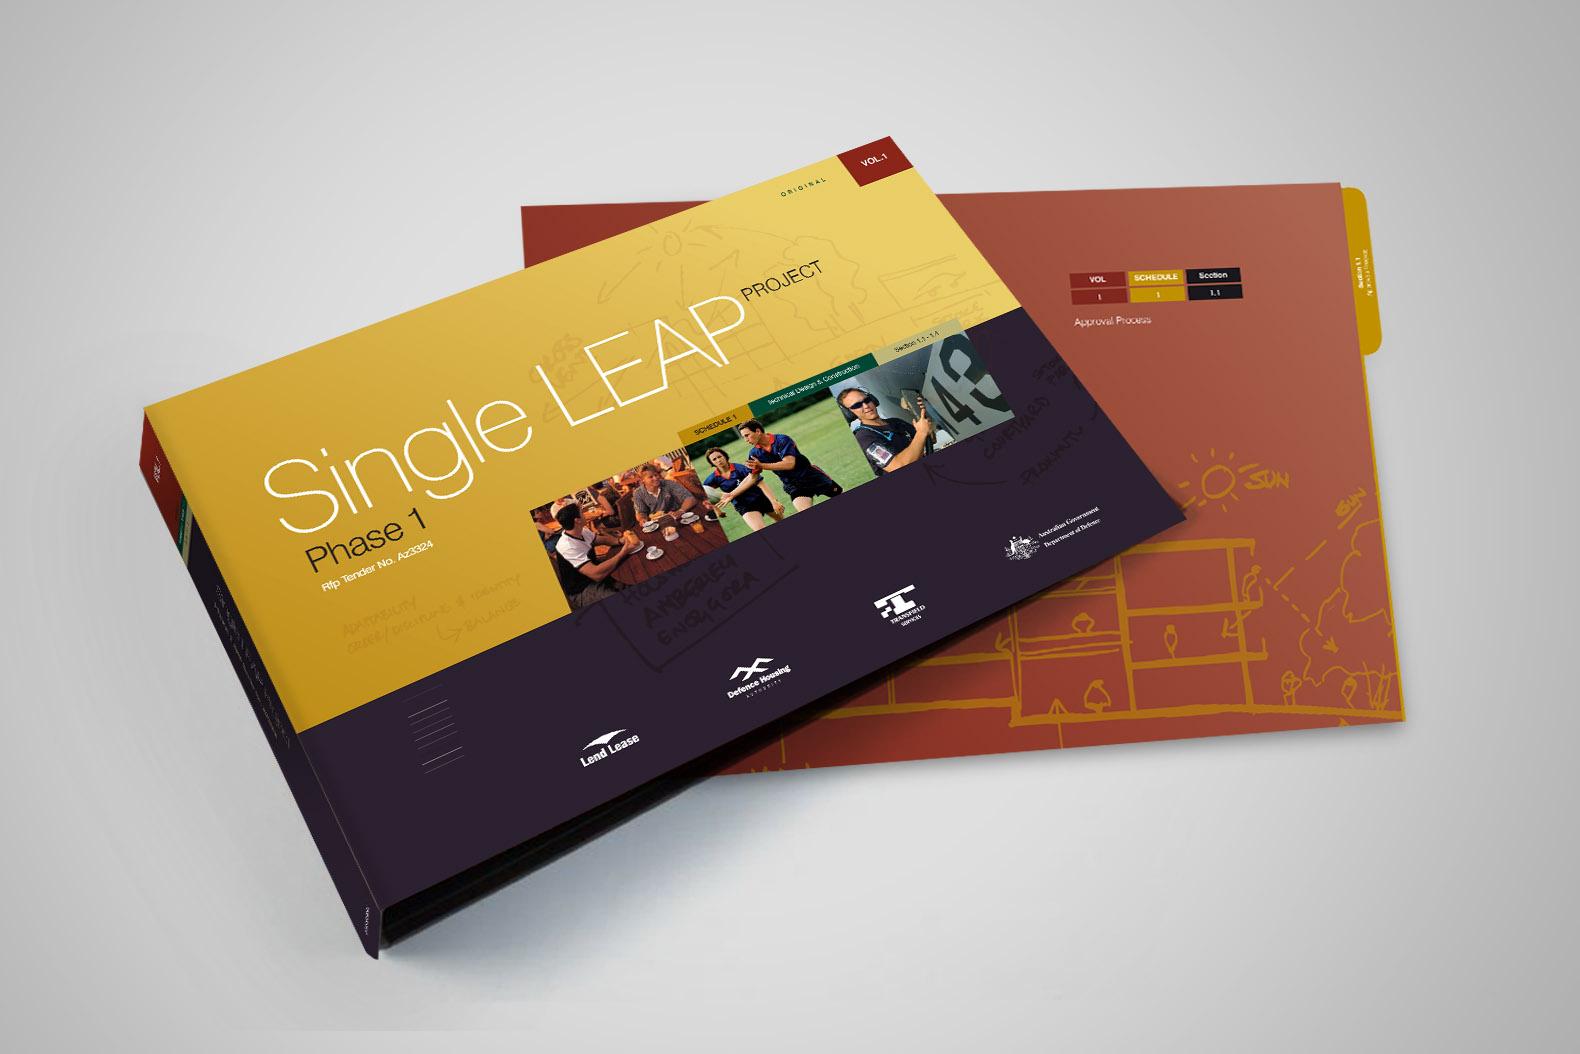 singleleapbid